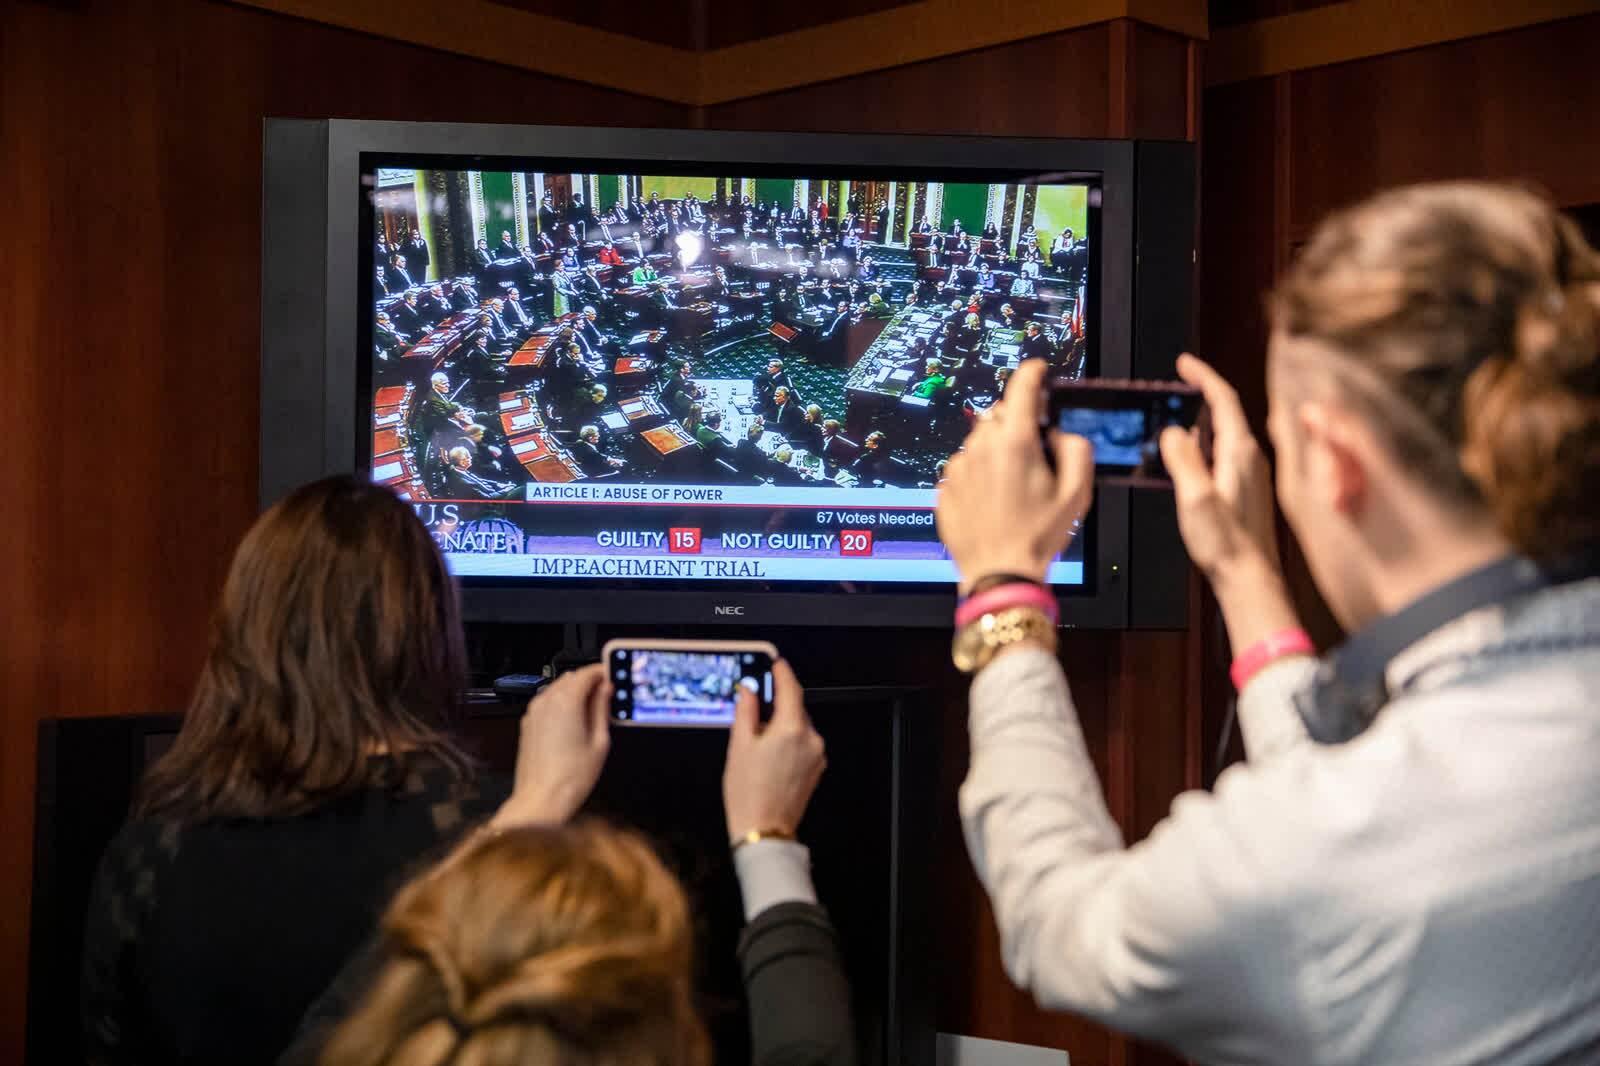 رویدادهای مهم سال ۲۰۲۰ از نگاه رسانههای جهان